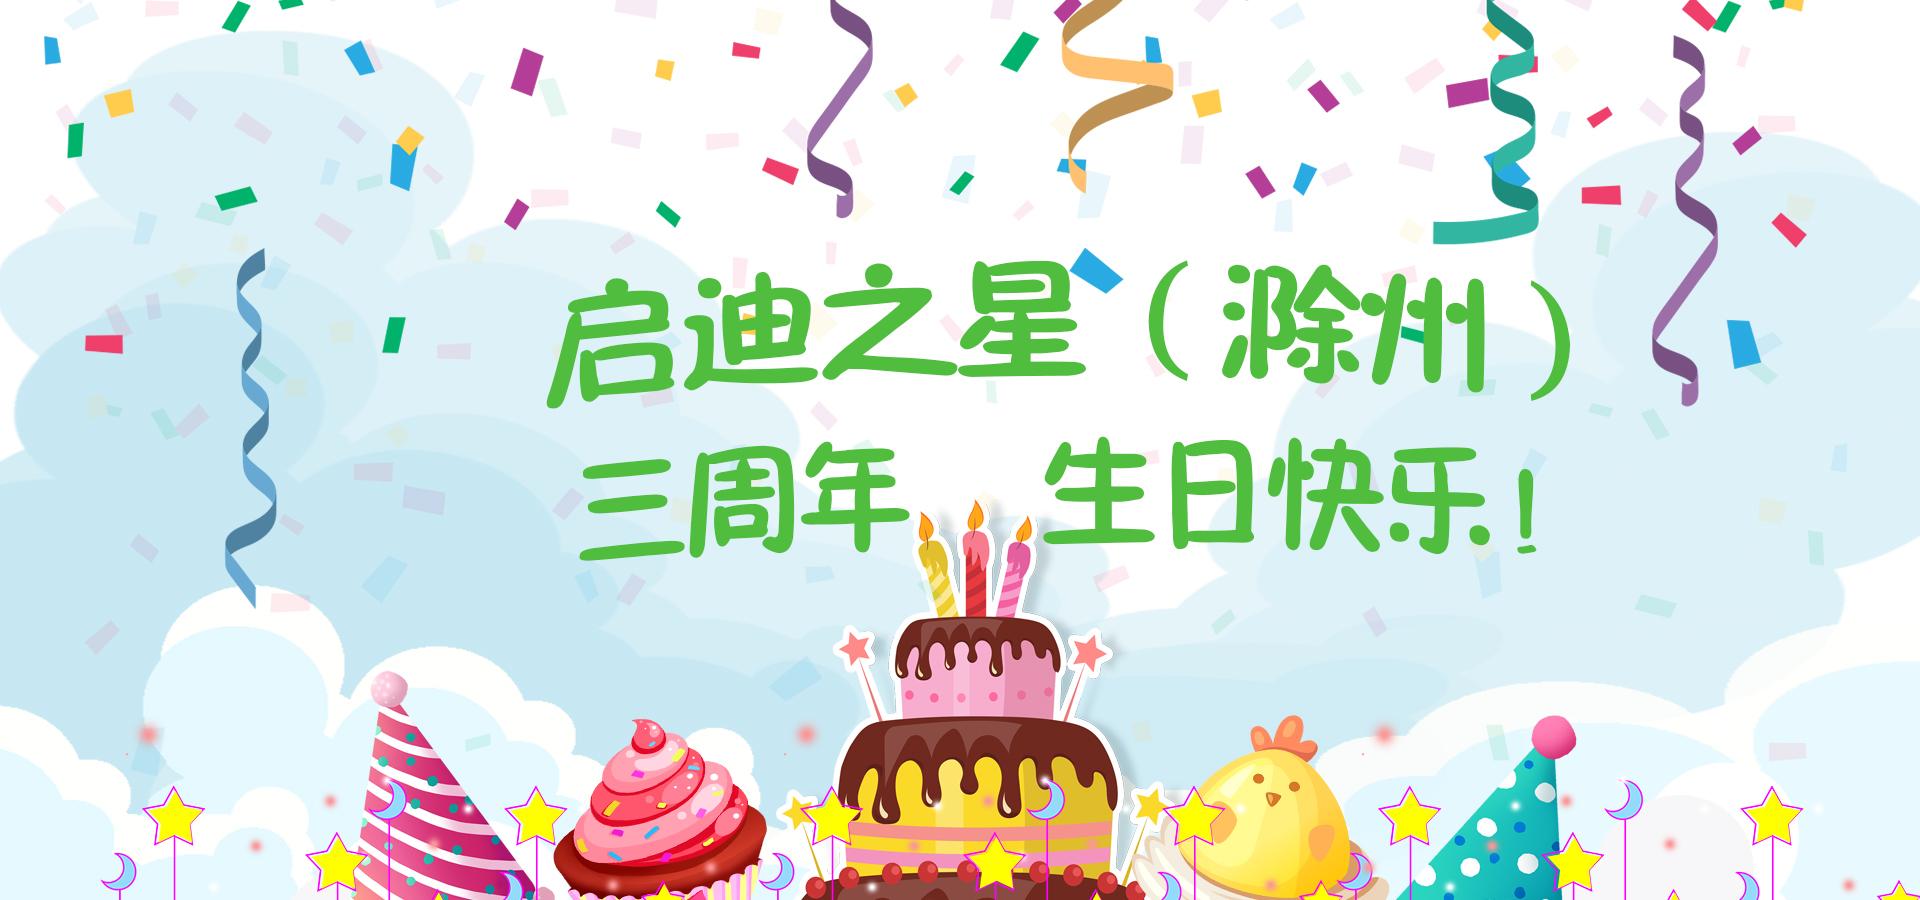 启迪之星(滁州)三周年庆